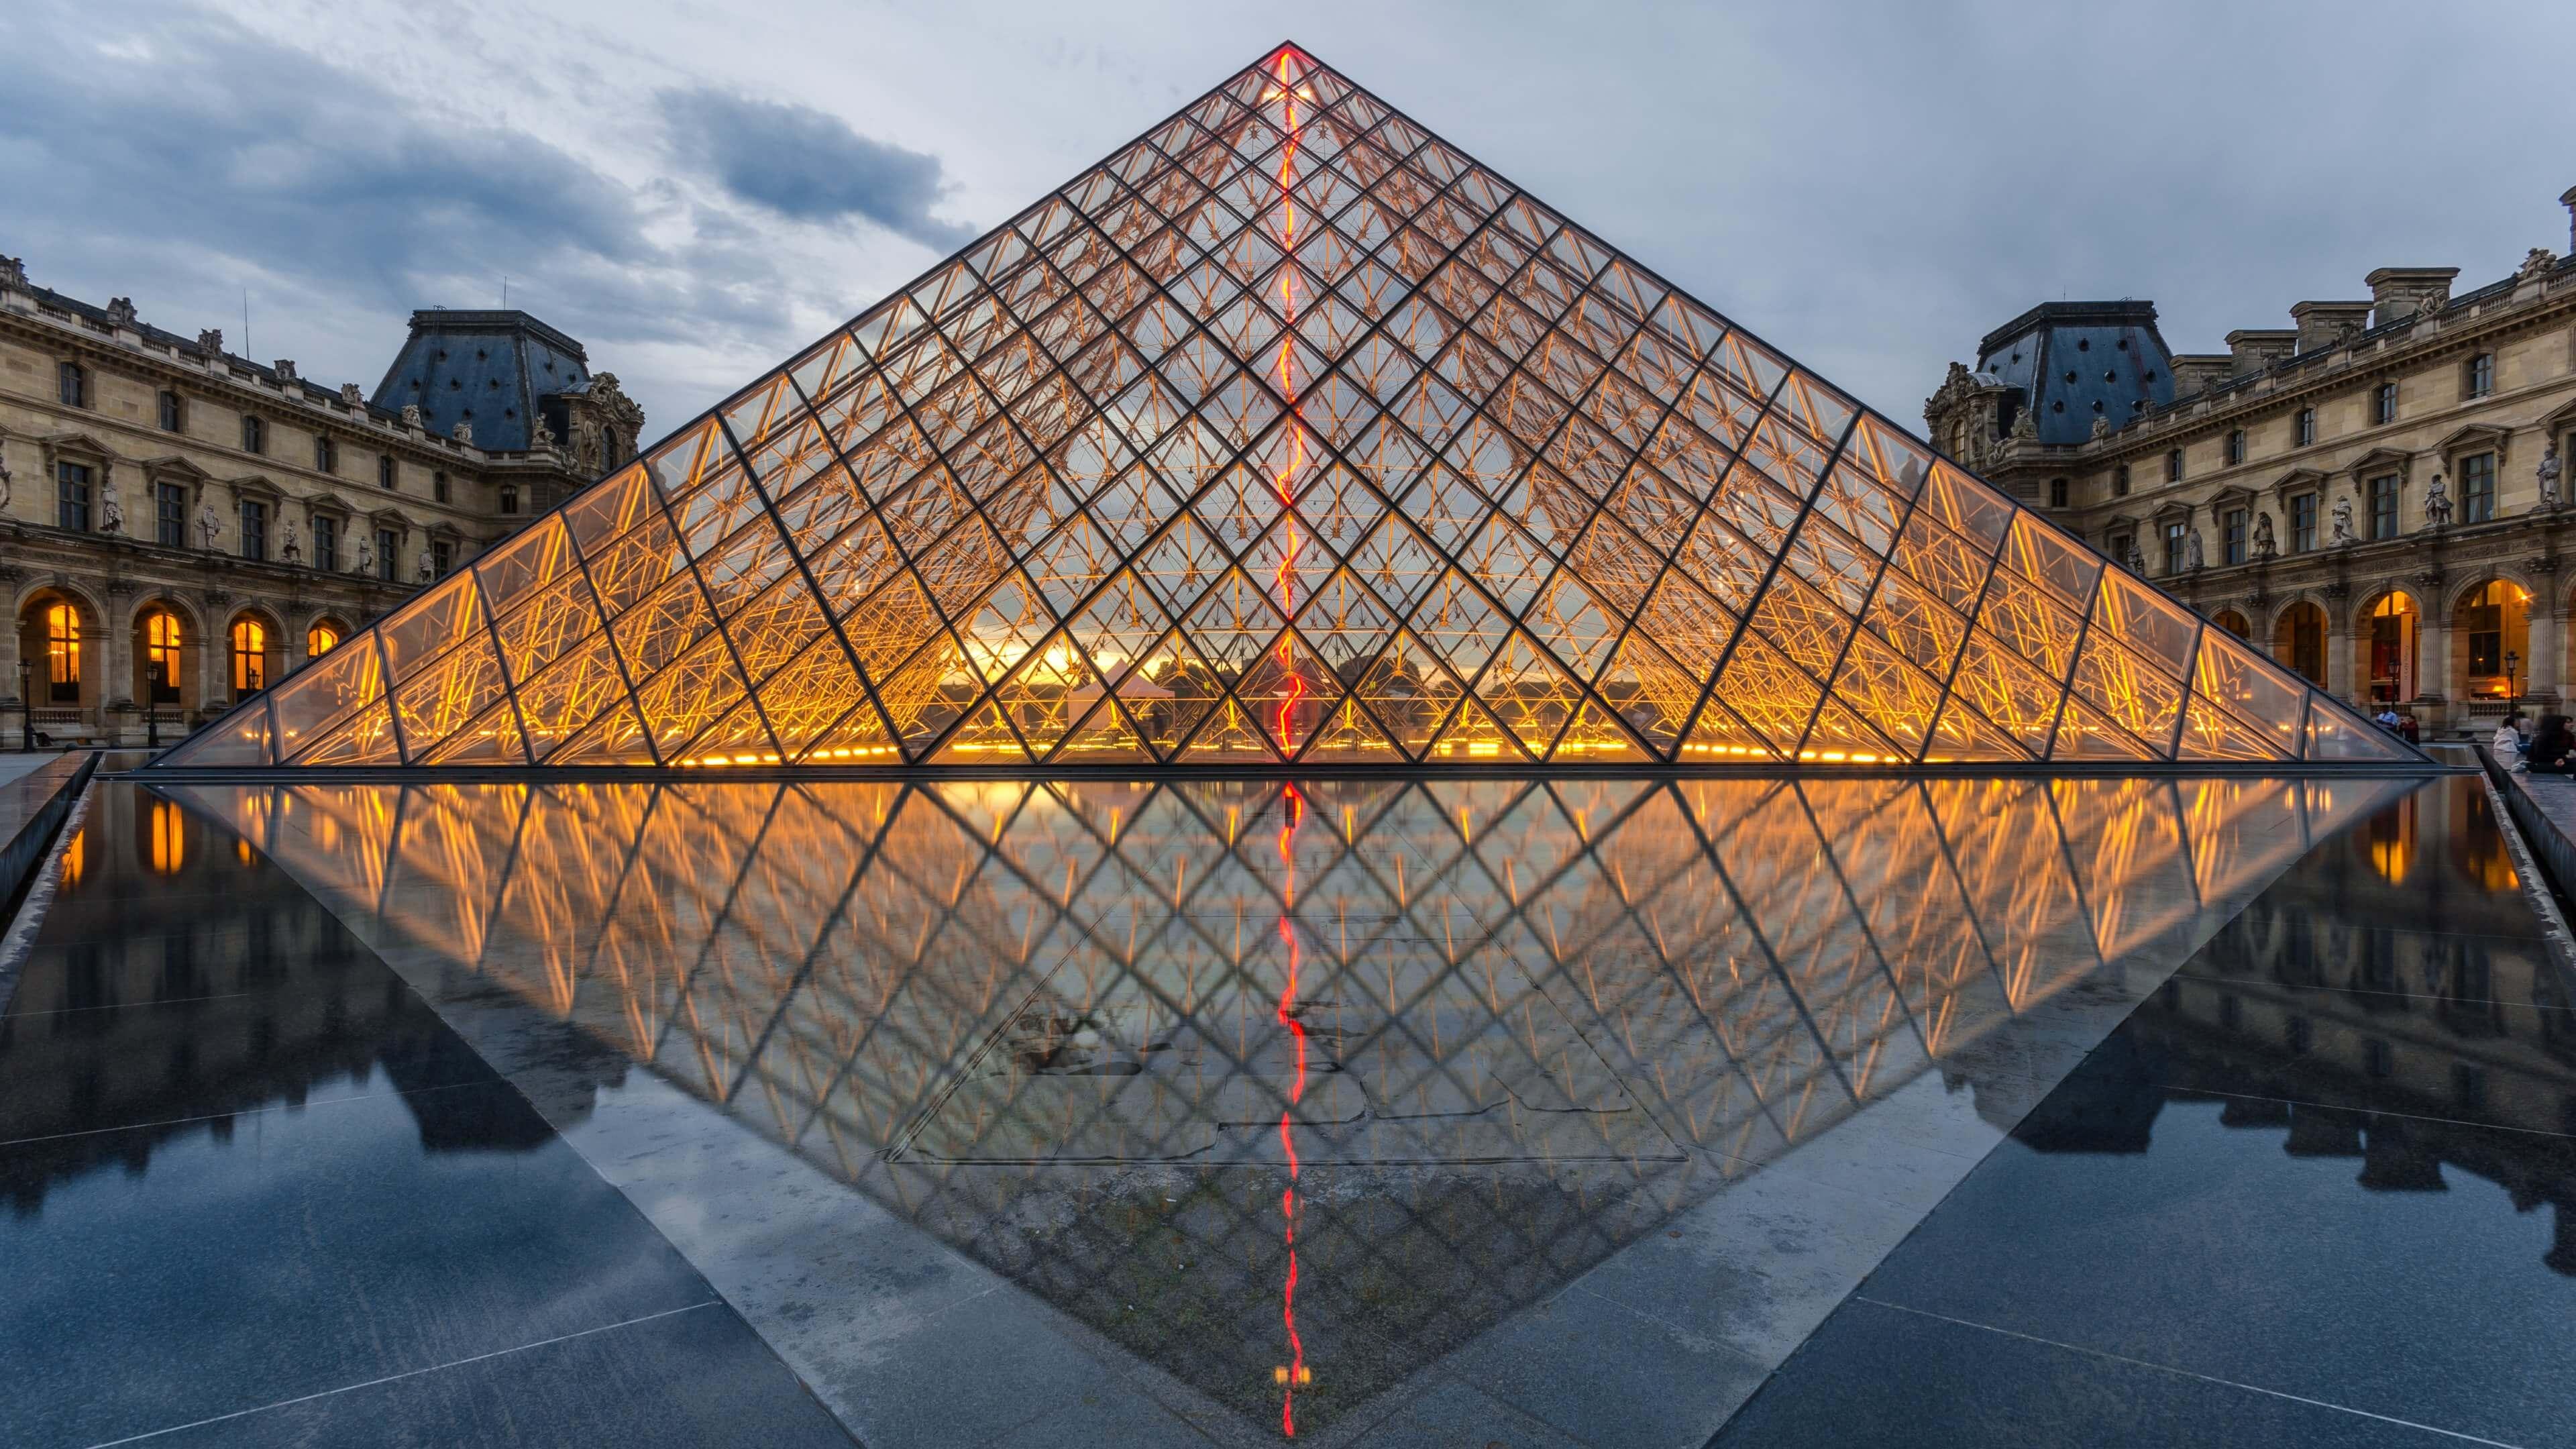 The Louvre HD wallpaper for 4K 3840 x 2160   HDwallpapersnet 3840x2160